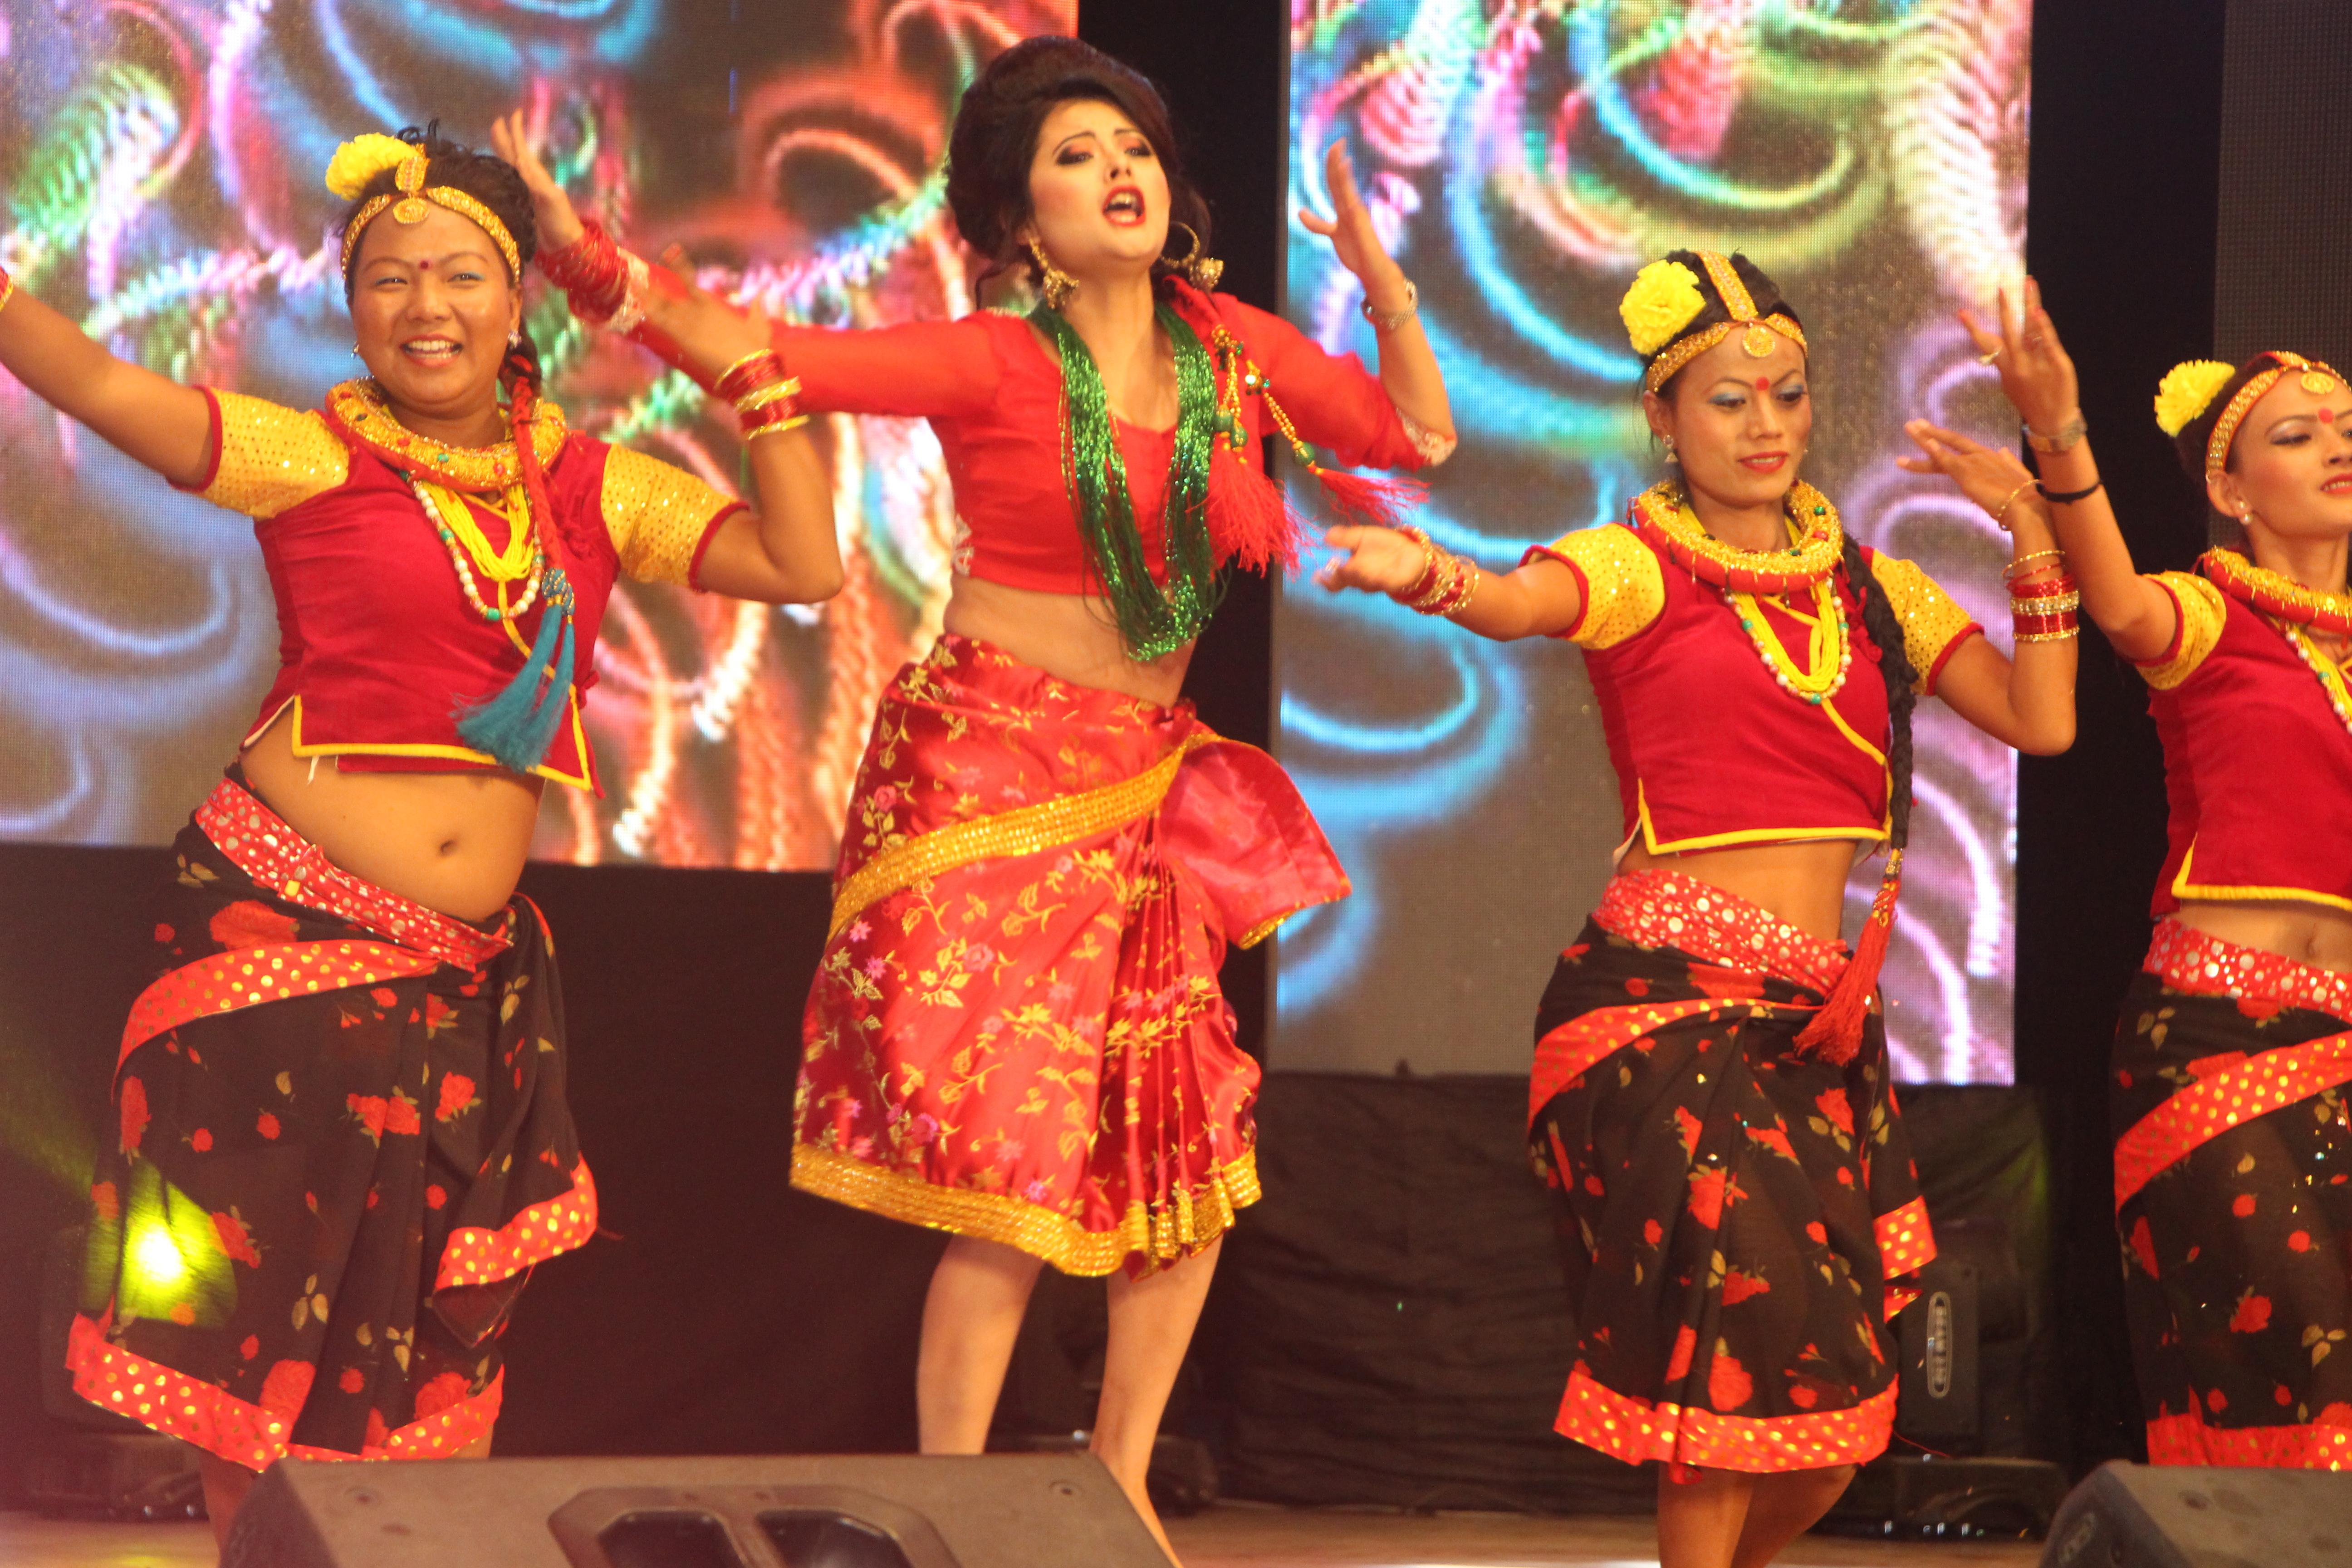 LG award sushma rangakhabar.com